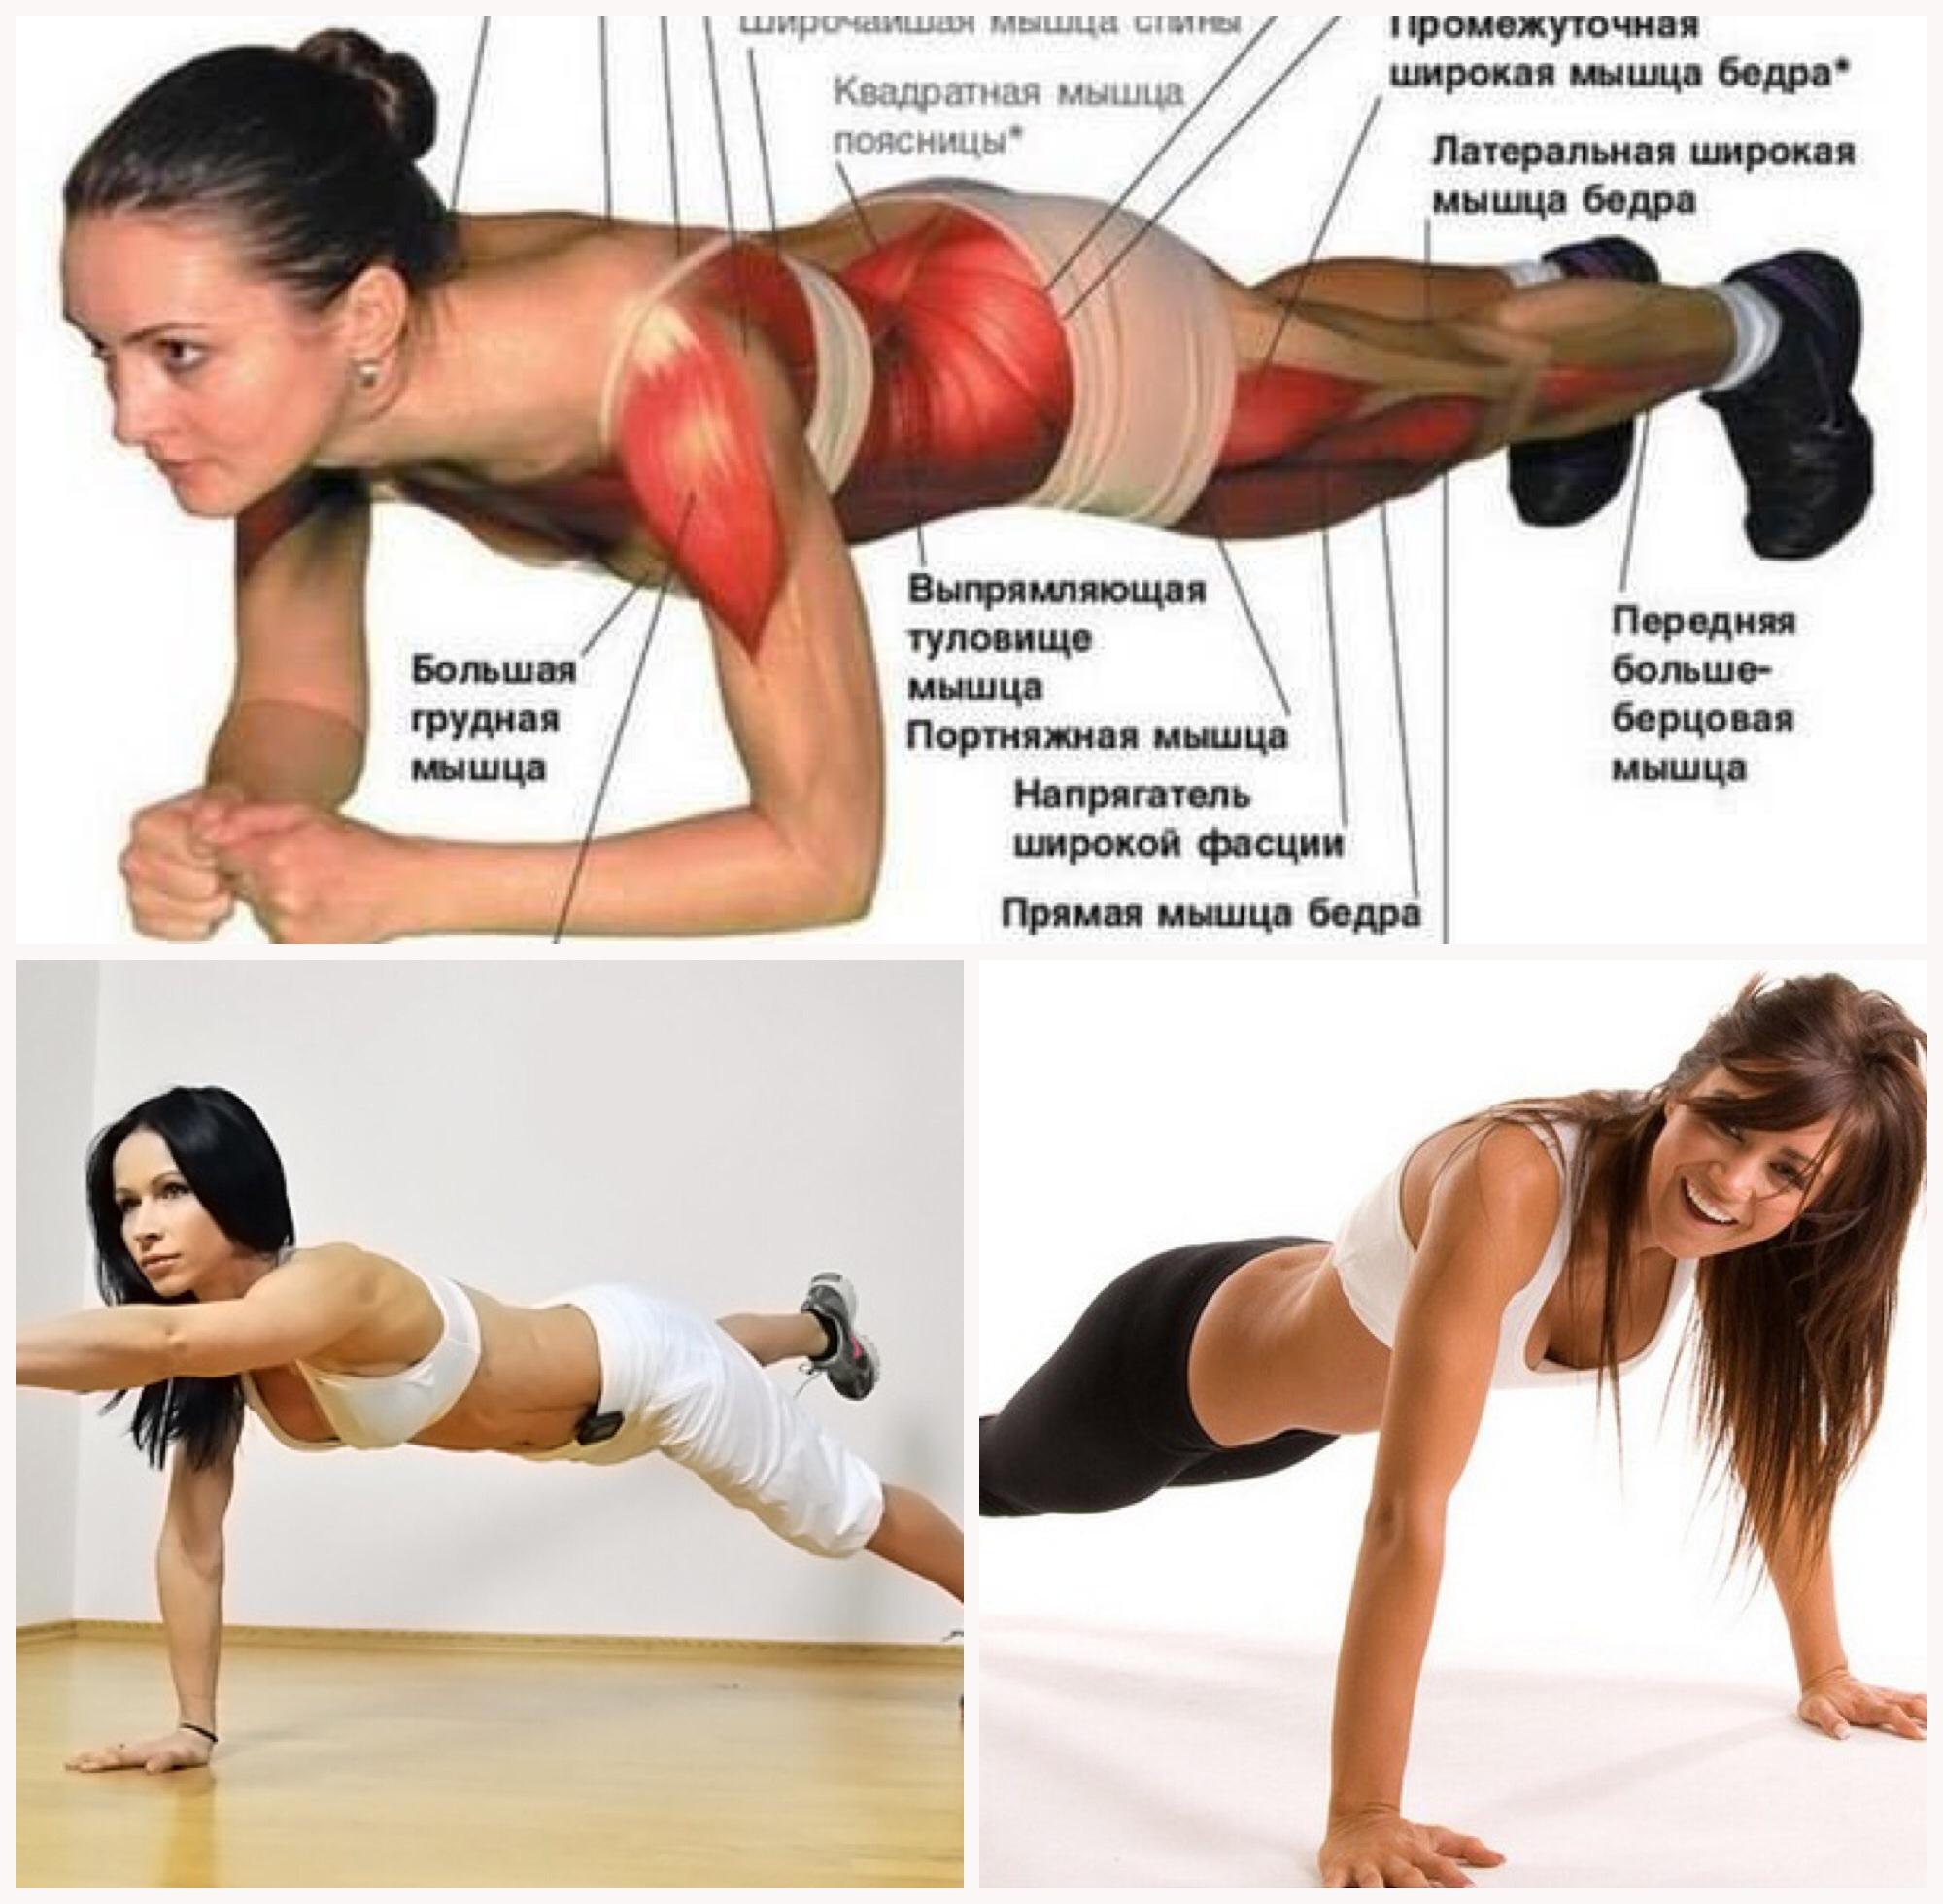 Что дает упражнение планка: зачем ее делать, есть ли эффективность, какие мышцы задействованы?